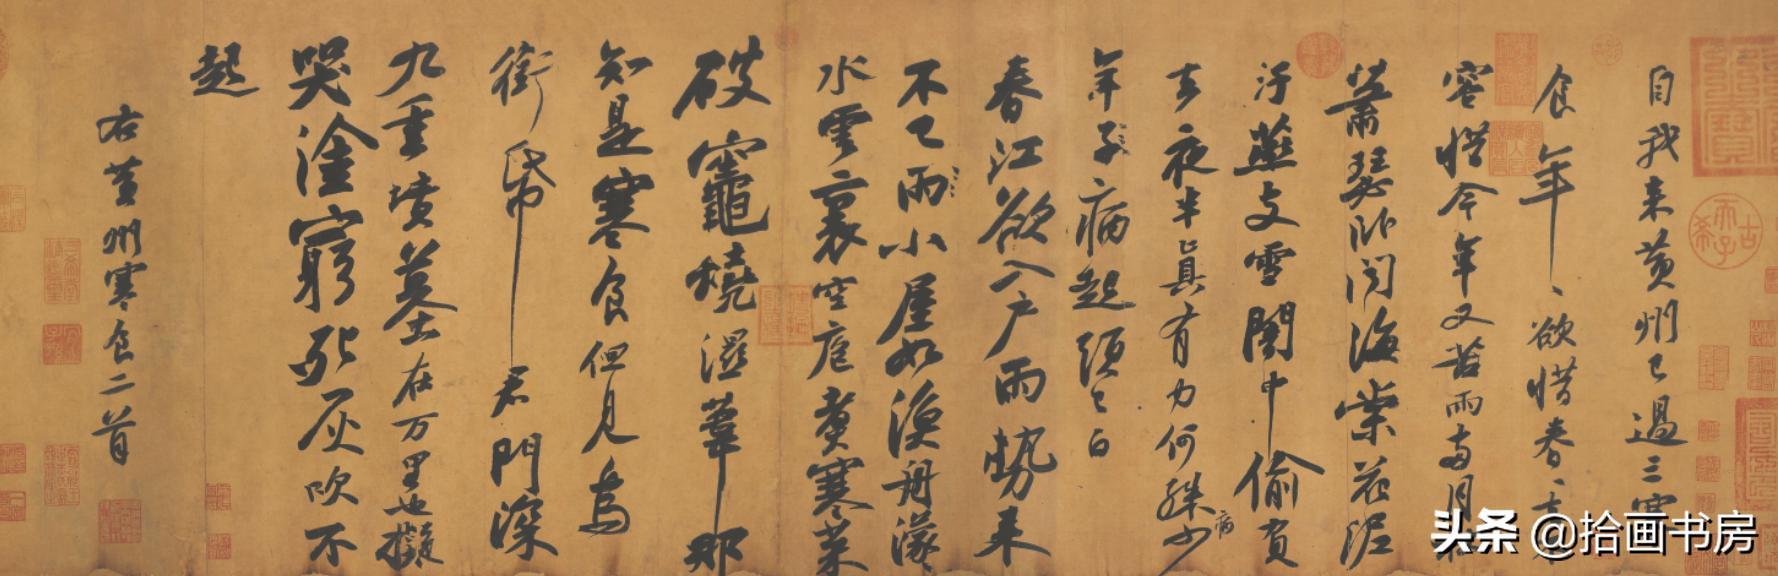 苏轼寒食帖图片